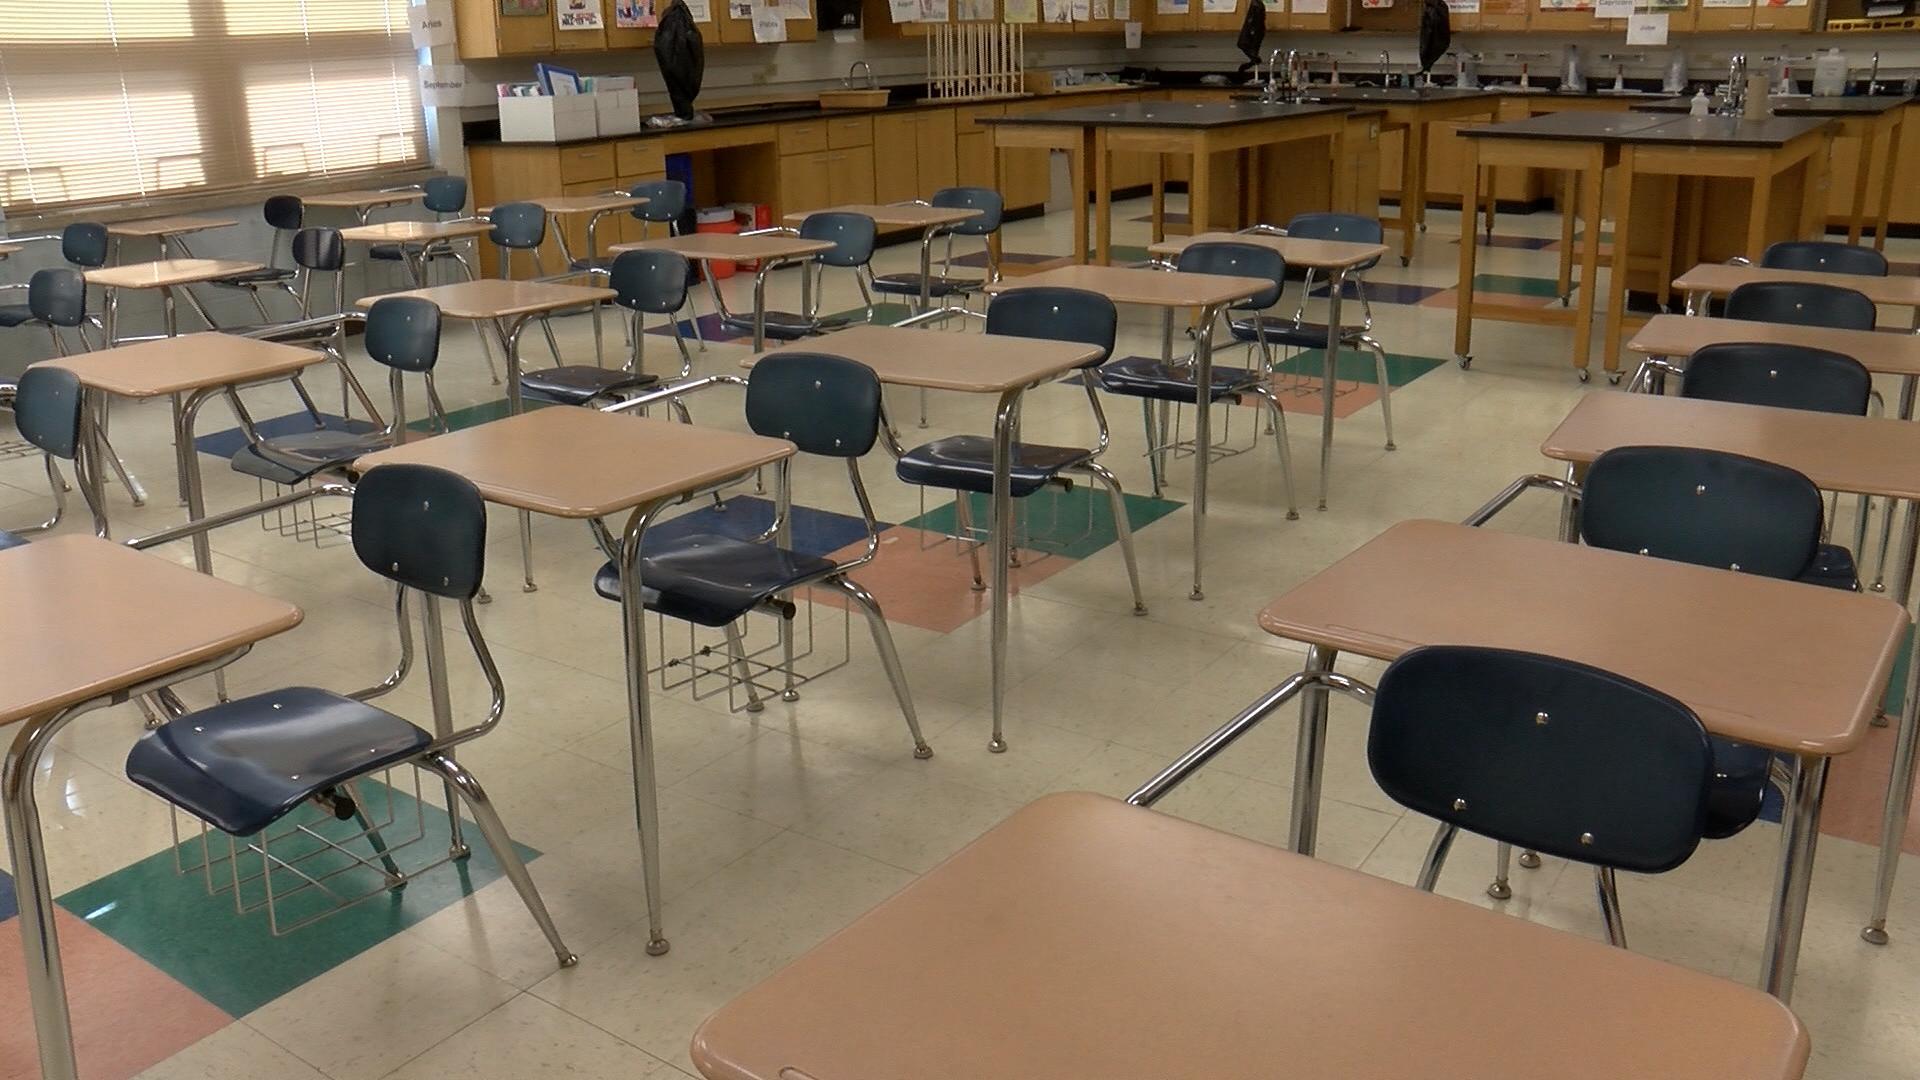 Empty desks fill a classroom.